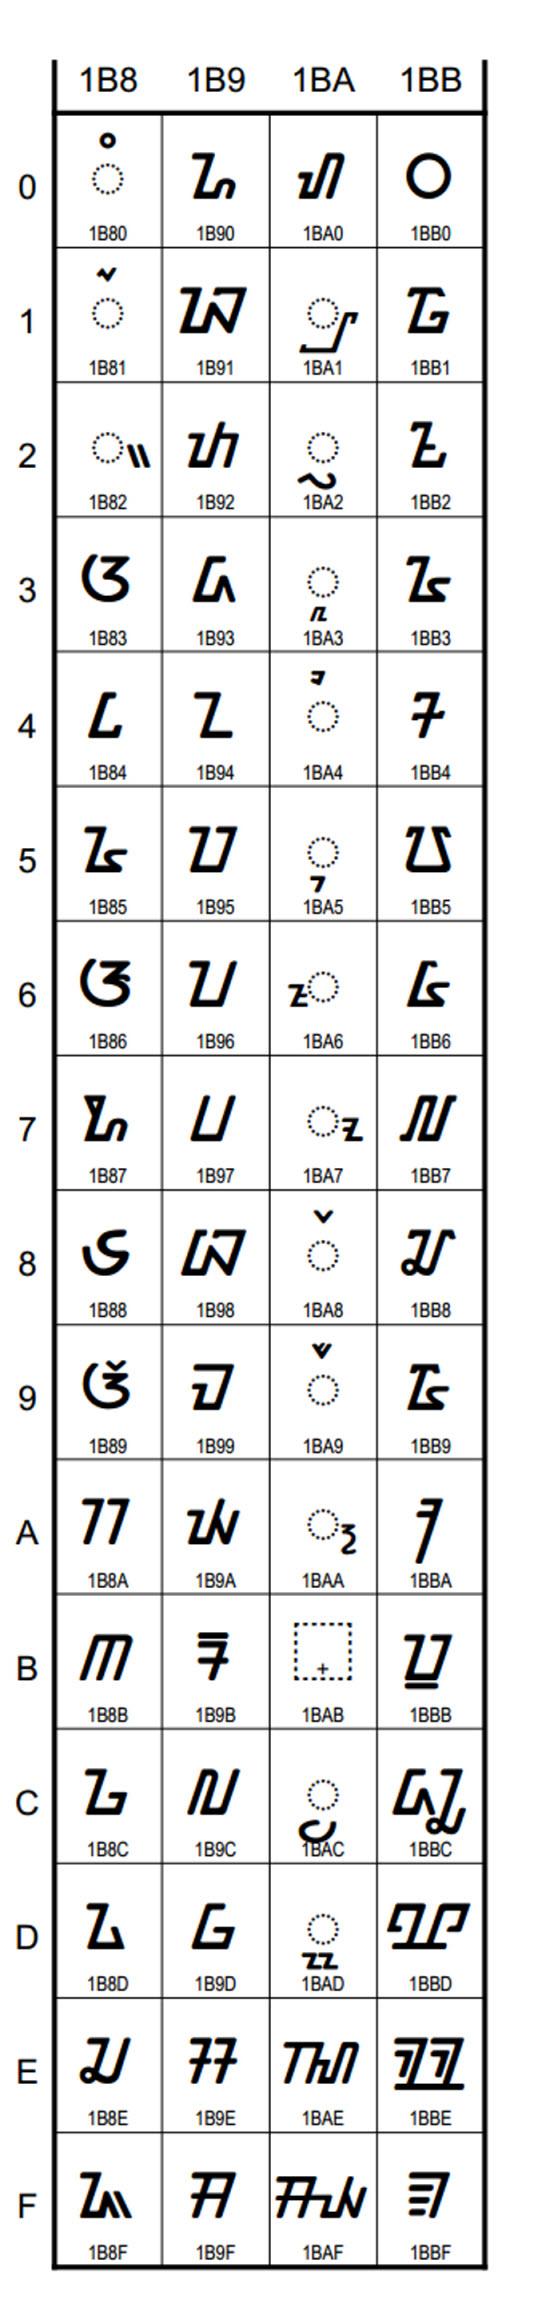 Lolongkrang kodeu Unicode pikeun Aksara Sunda